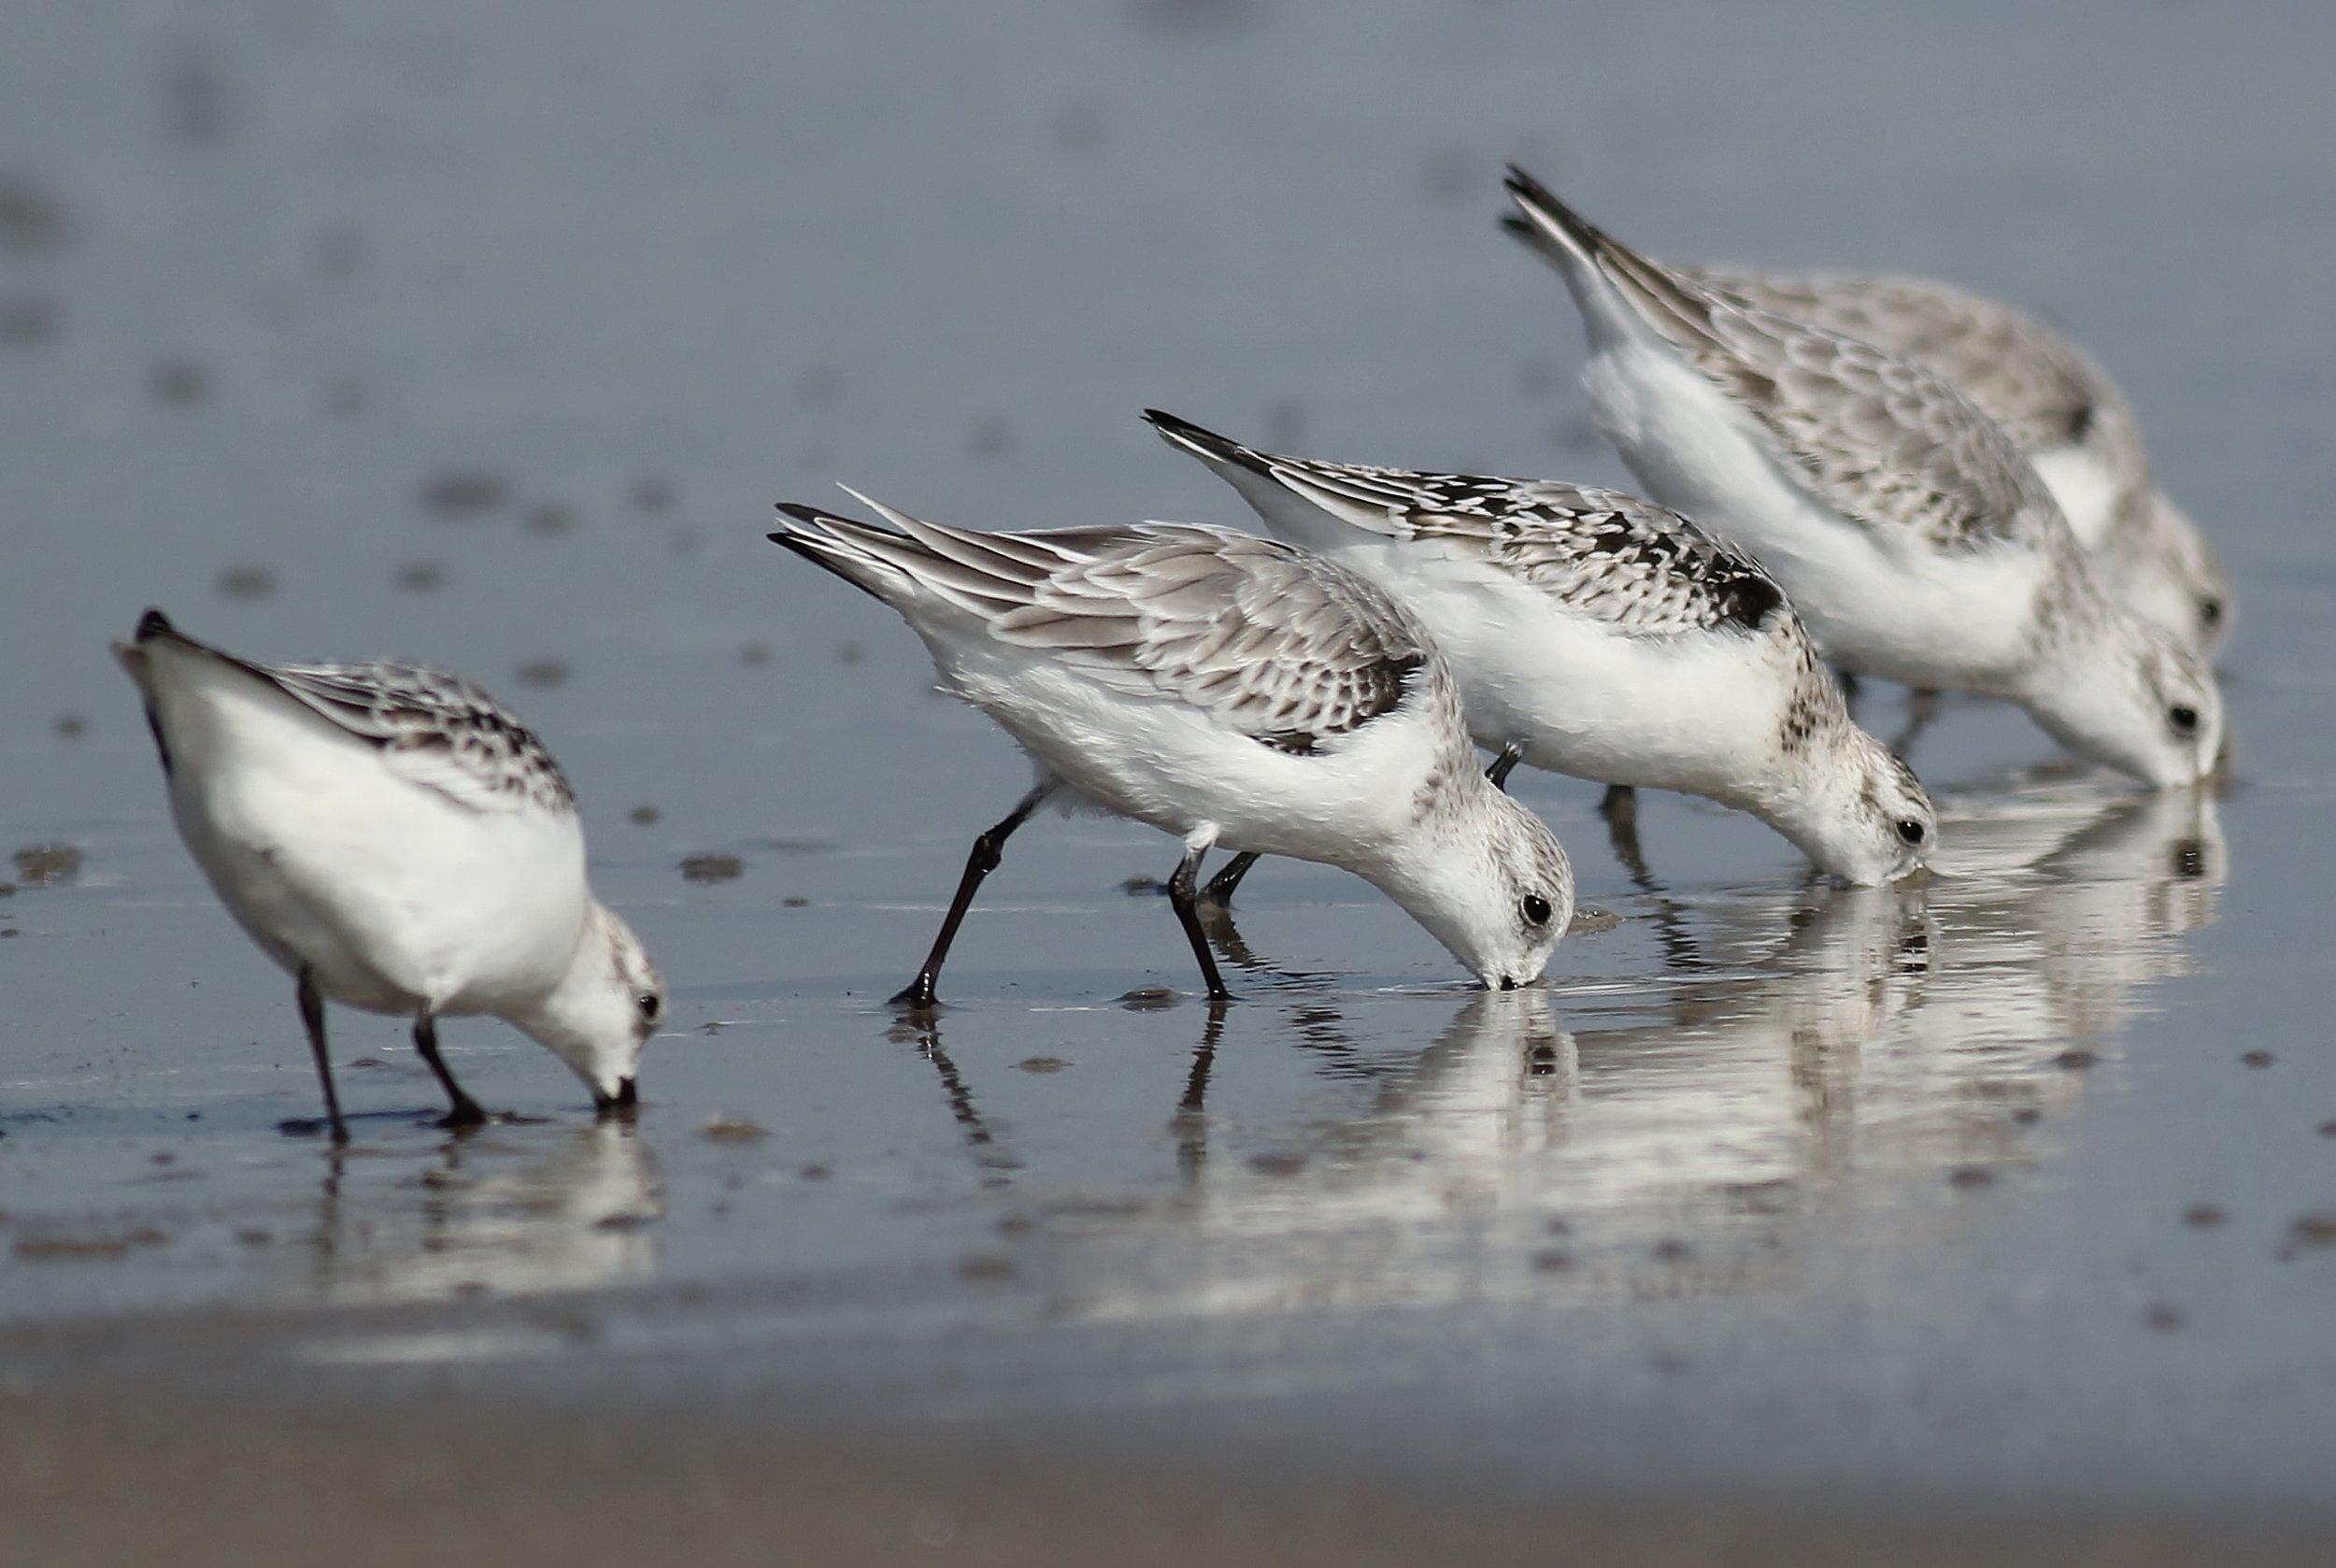 Sanderlings in winter plumage foraging for food along the Atlantic Ocean at Sandy Hook, NJ.